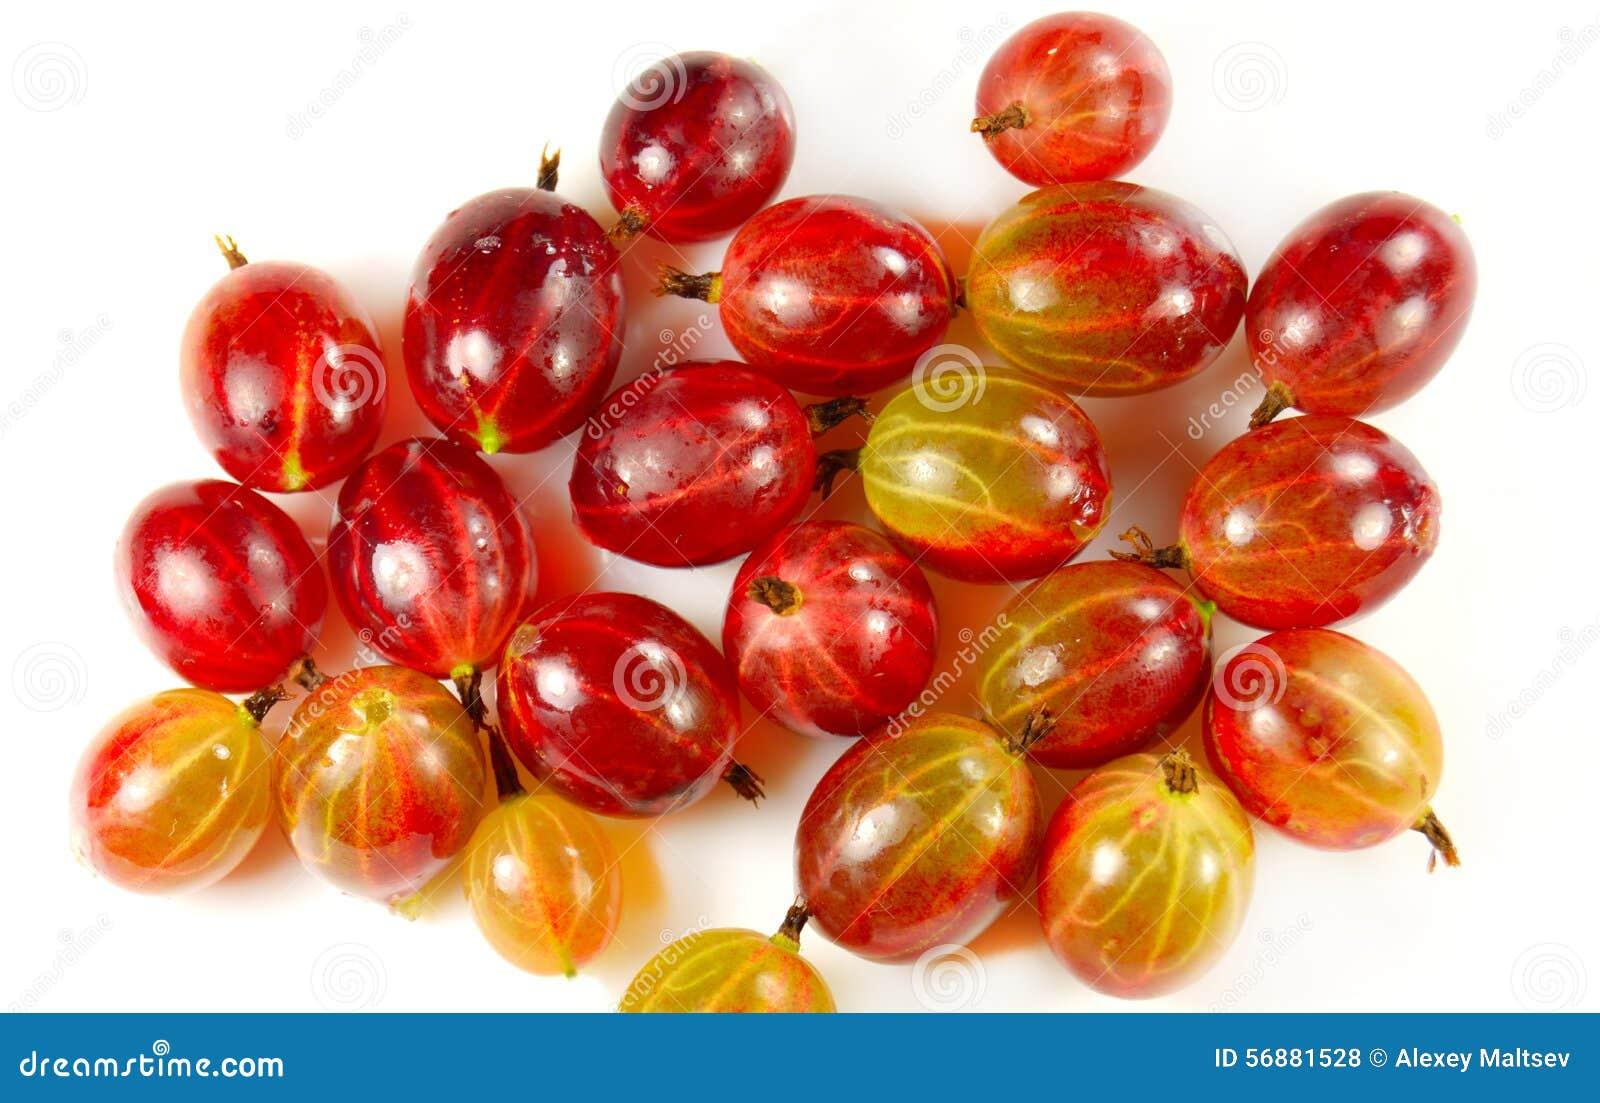 Raccolto dell uva spina